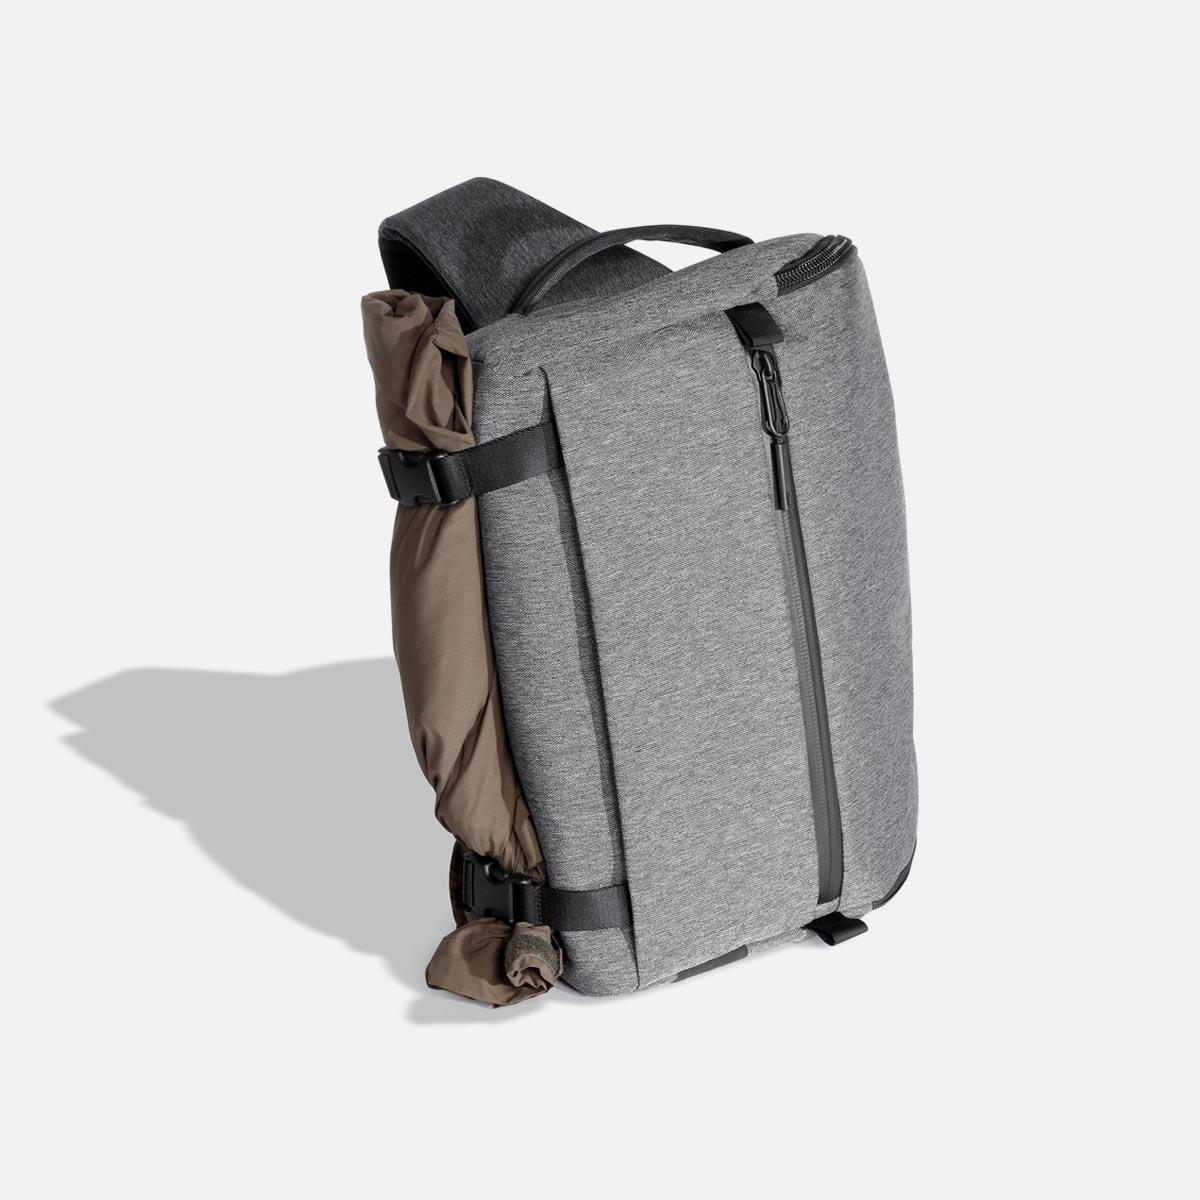 22005_ts_gray_jacket.JPG